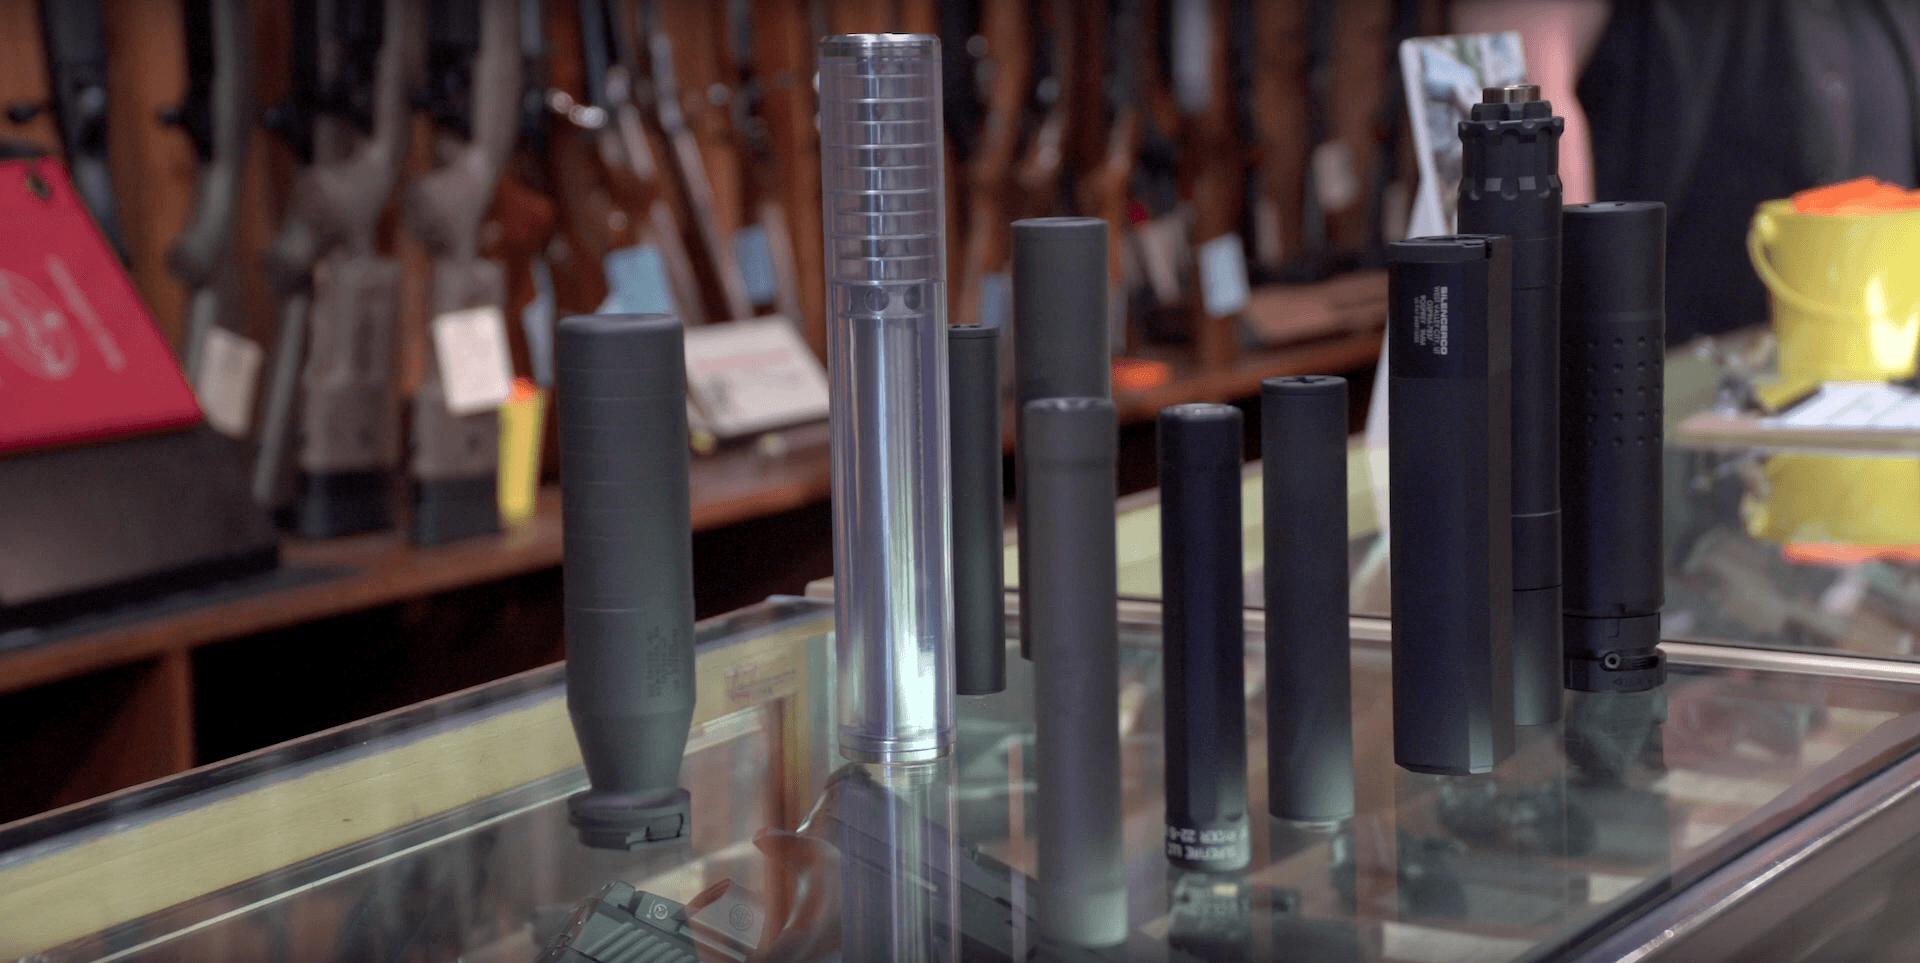 Suppressors at Rich's Gun Shop